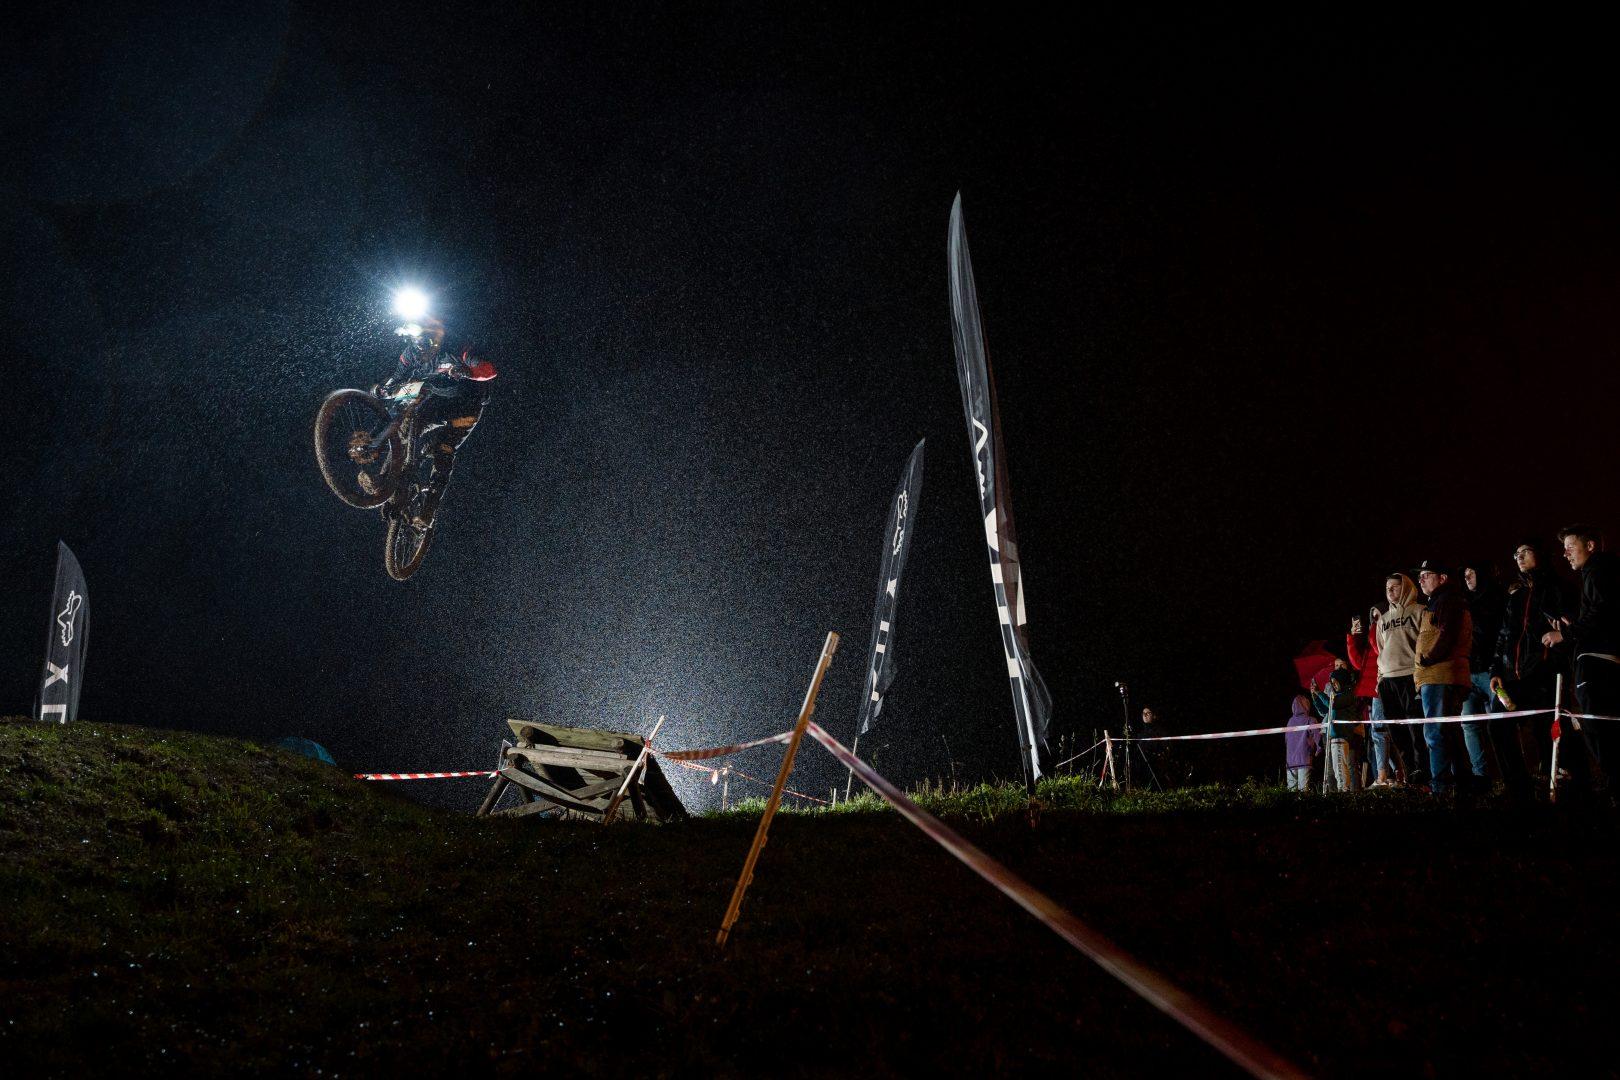 Michał Ziobro wygrywa w zjeździe na Małopolska Joy Ride Zakończeniu Sezonu 2021